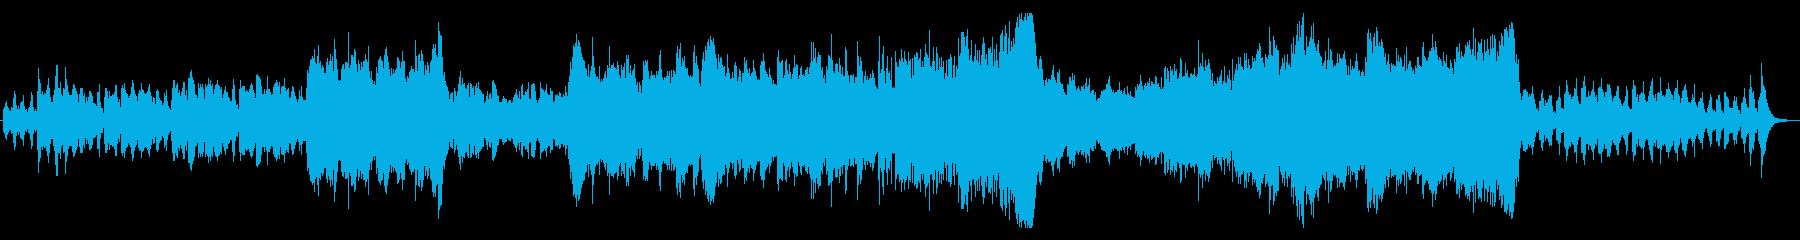 オーケストラ風のファンタジックなインストの再生済みの波形